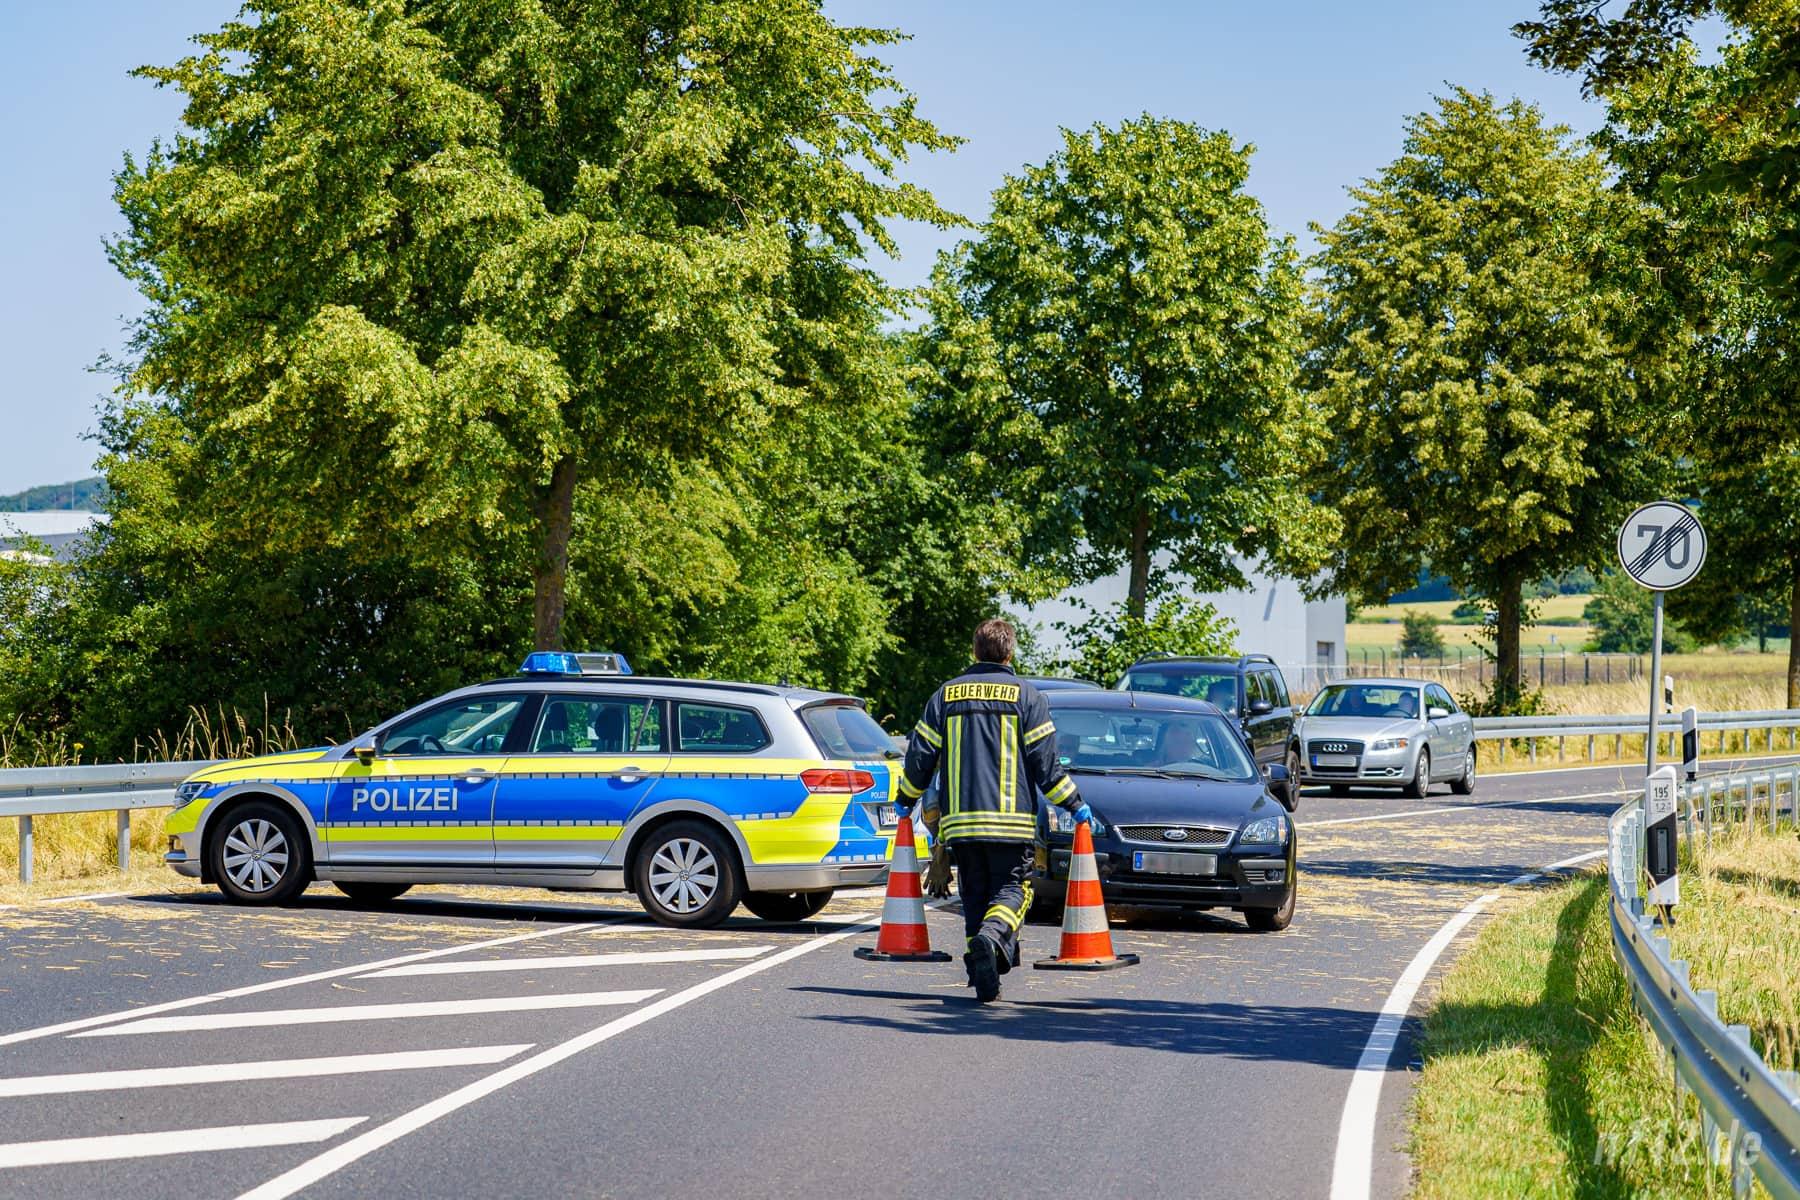 Keine Weiterfahrt: Ein Feuerwehrmann stellt Verkehrsleitkegel auf, nachdem eine Autofahrerin den quer stehenden Streifenwagen hatte umfahren wollen (Foto: n112.de/Stefan Simonsen)